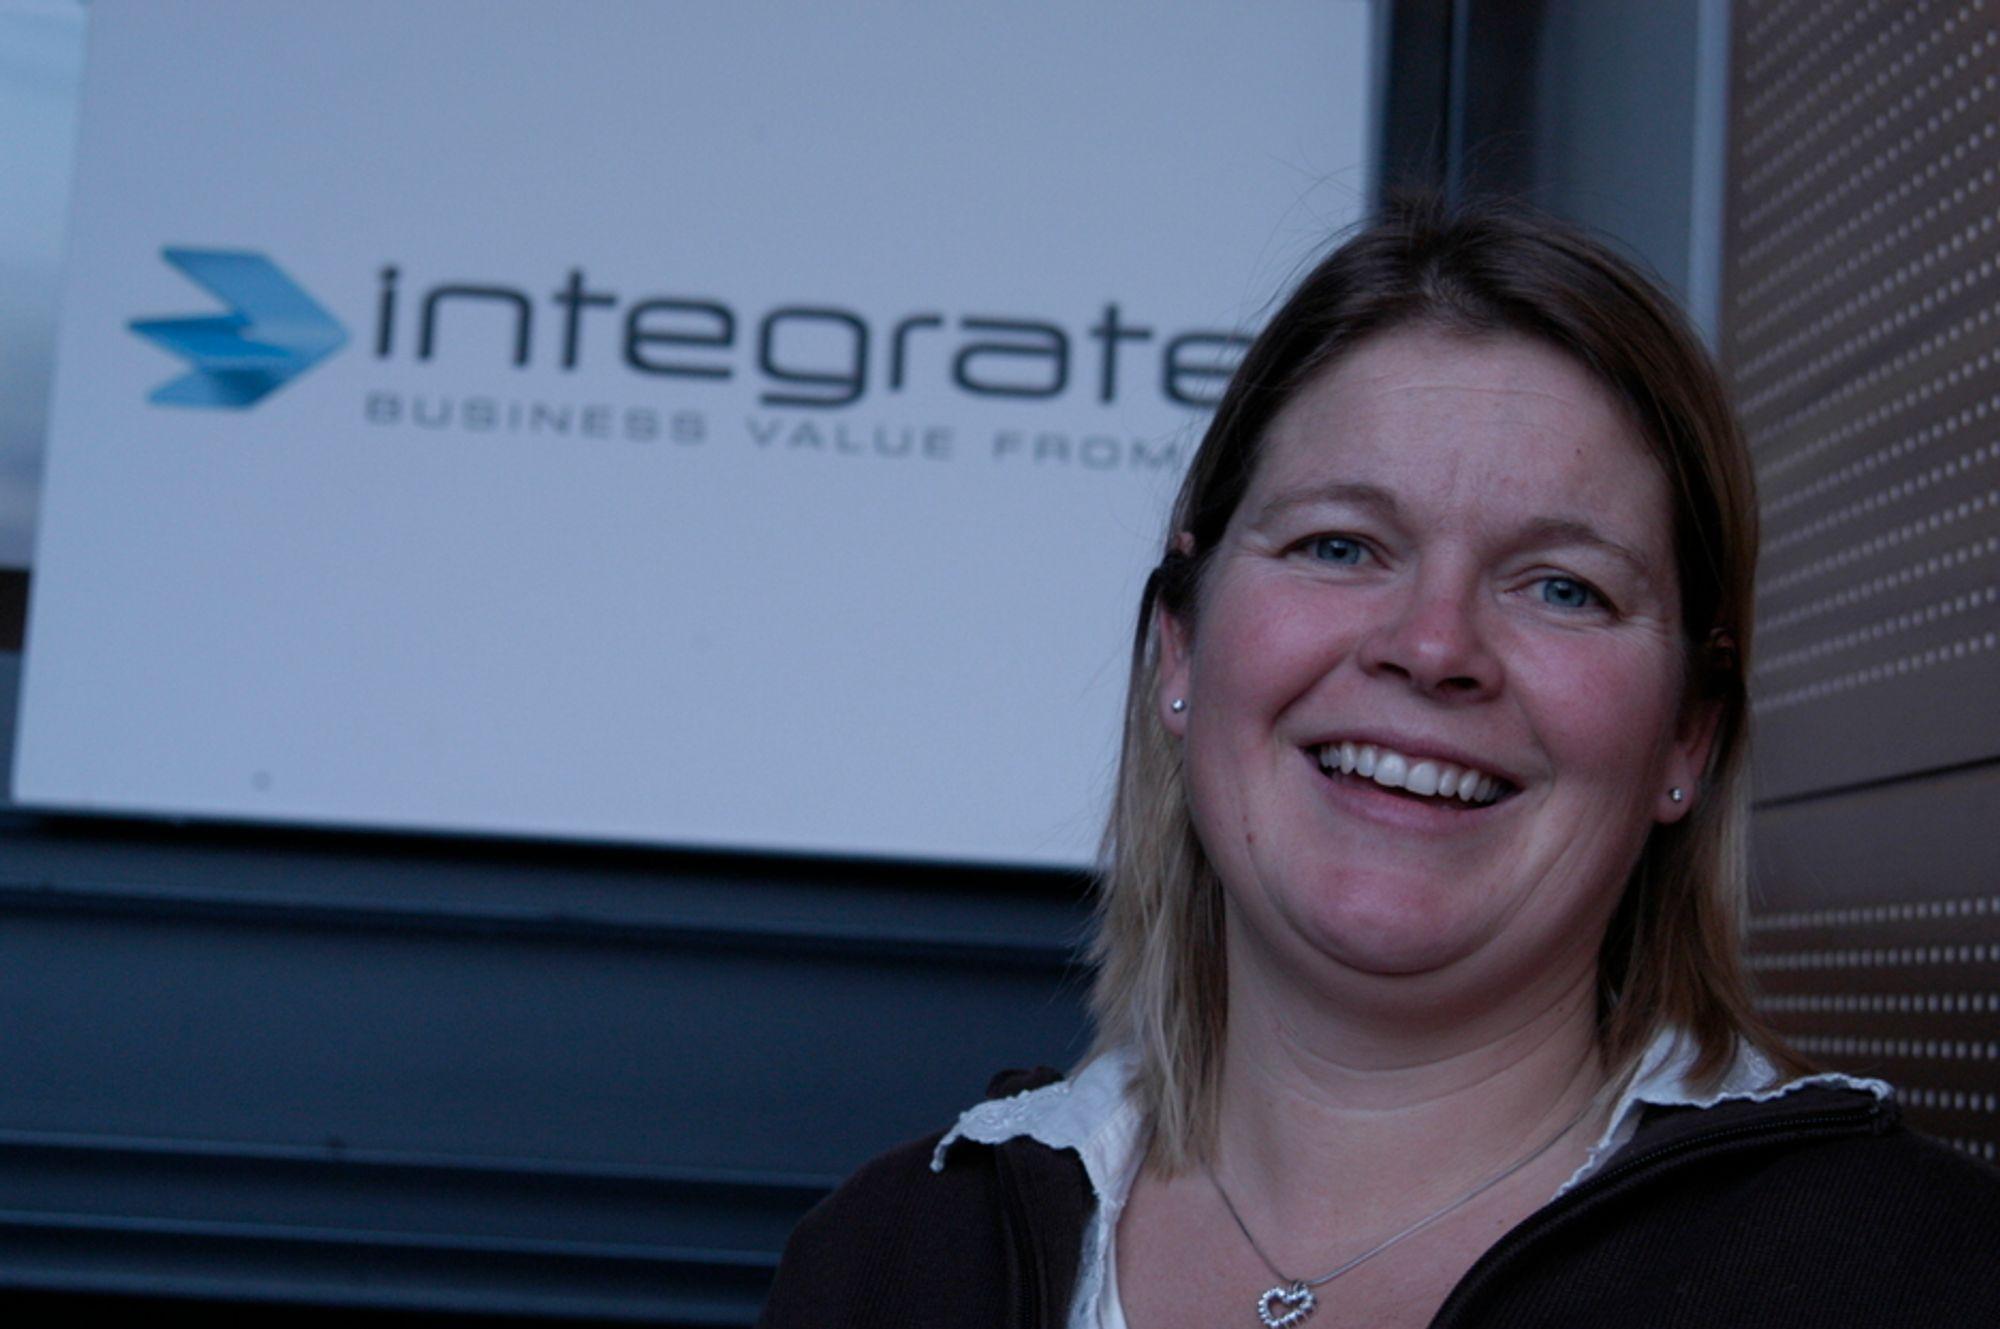 BREDSIDE: Administrerende direktør Kristianne Storehaug i konsulentselskapet Integrate går hardt ut mot sine større konkurrenter i IT-konsulentmarkedet.